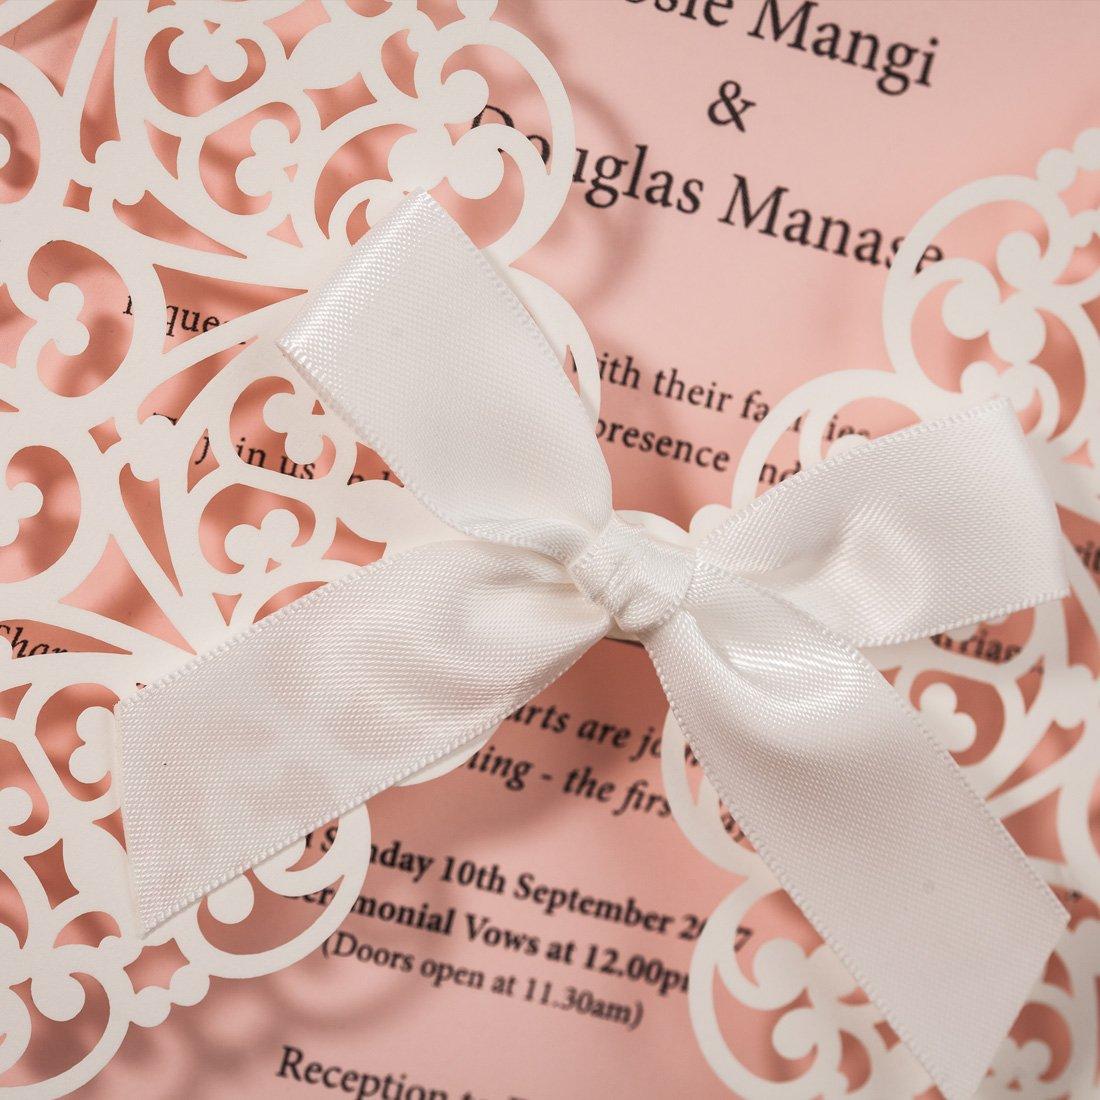 Amazon.com: Wishmade Laser Cut Wedding Invitations Square White and ...